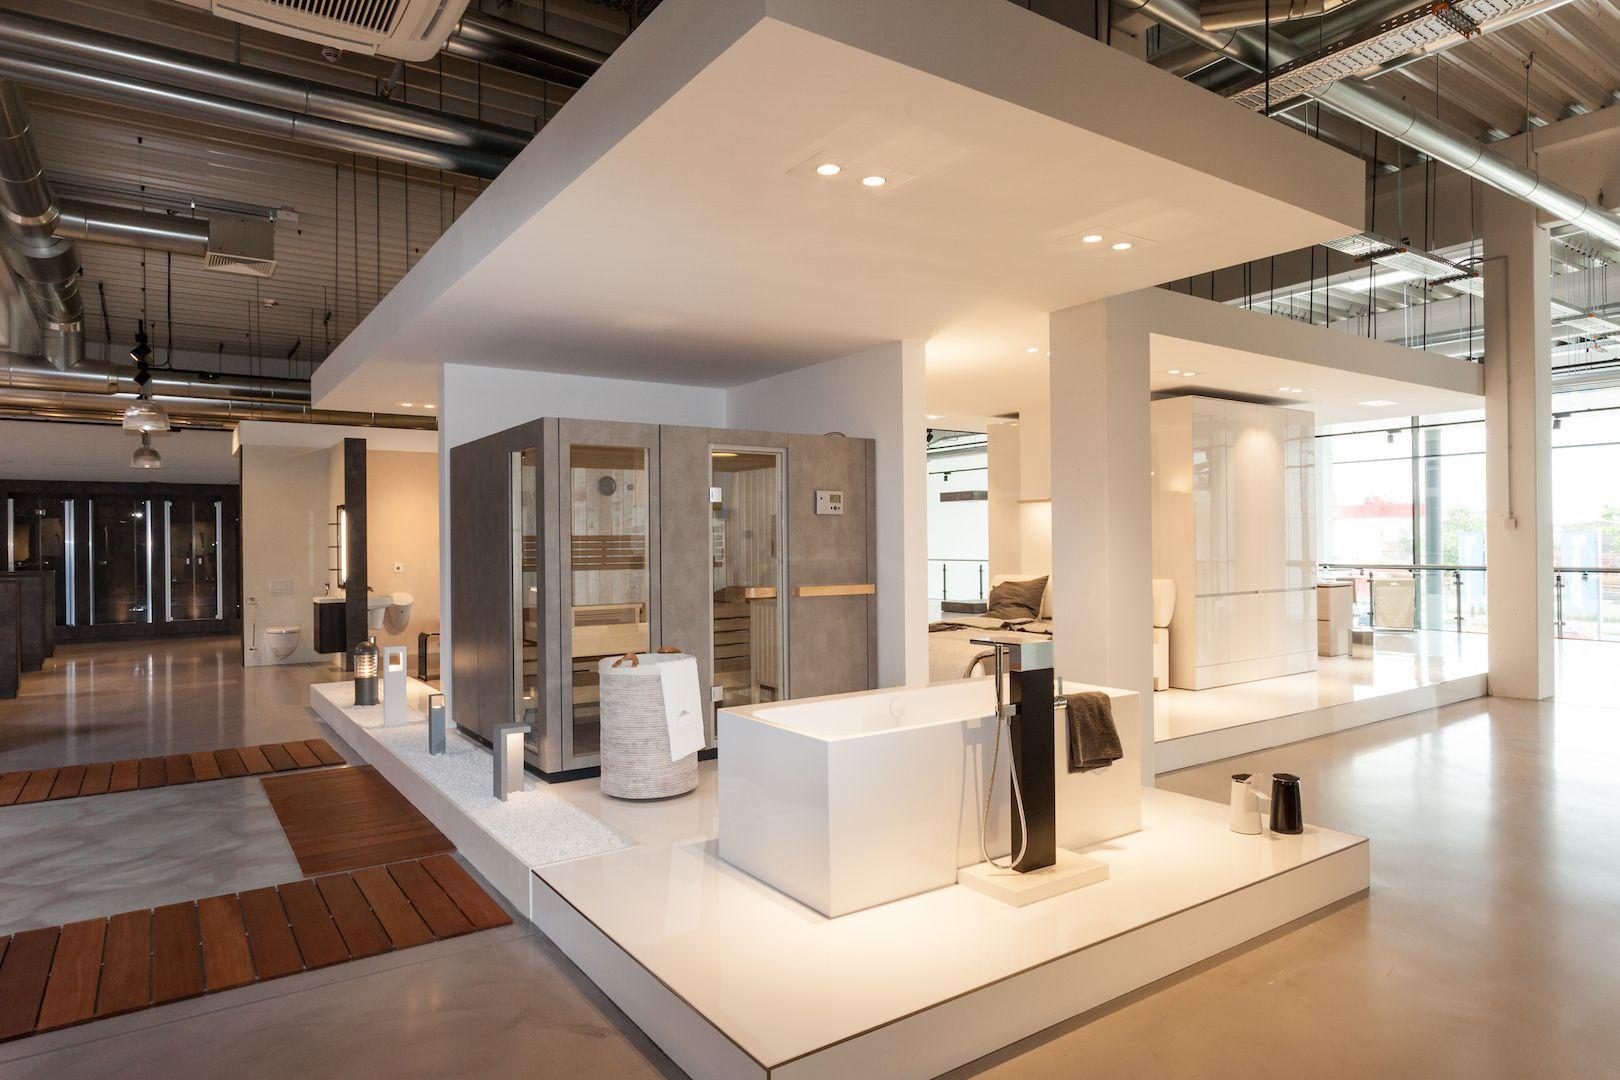 baden in hannover bad ausstellung von wiedemann hannover vinnhorst exklusive. Black Bedroom Furniture Sets. Home Design Ideas